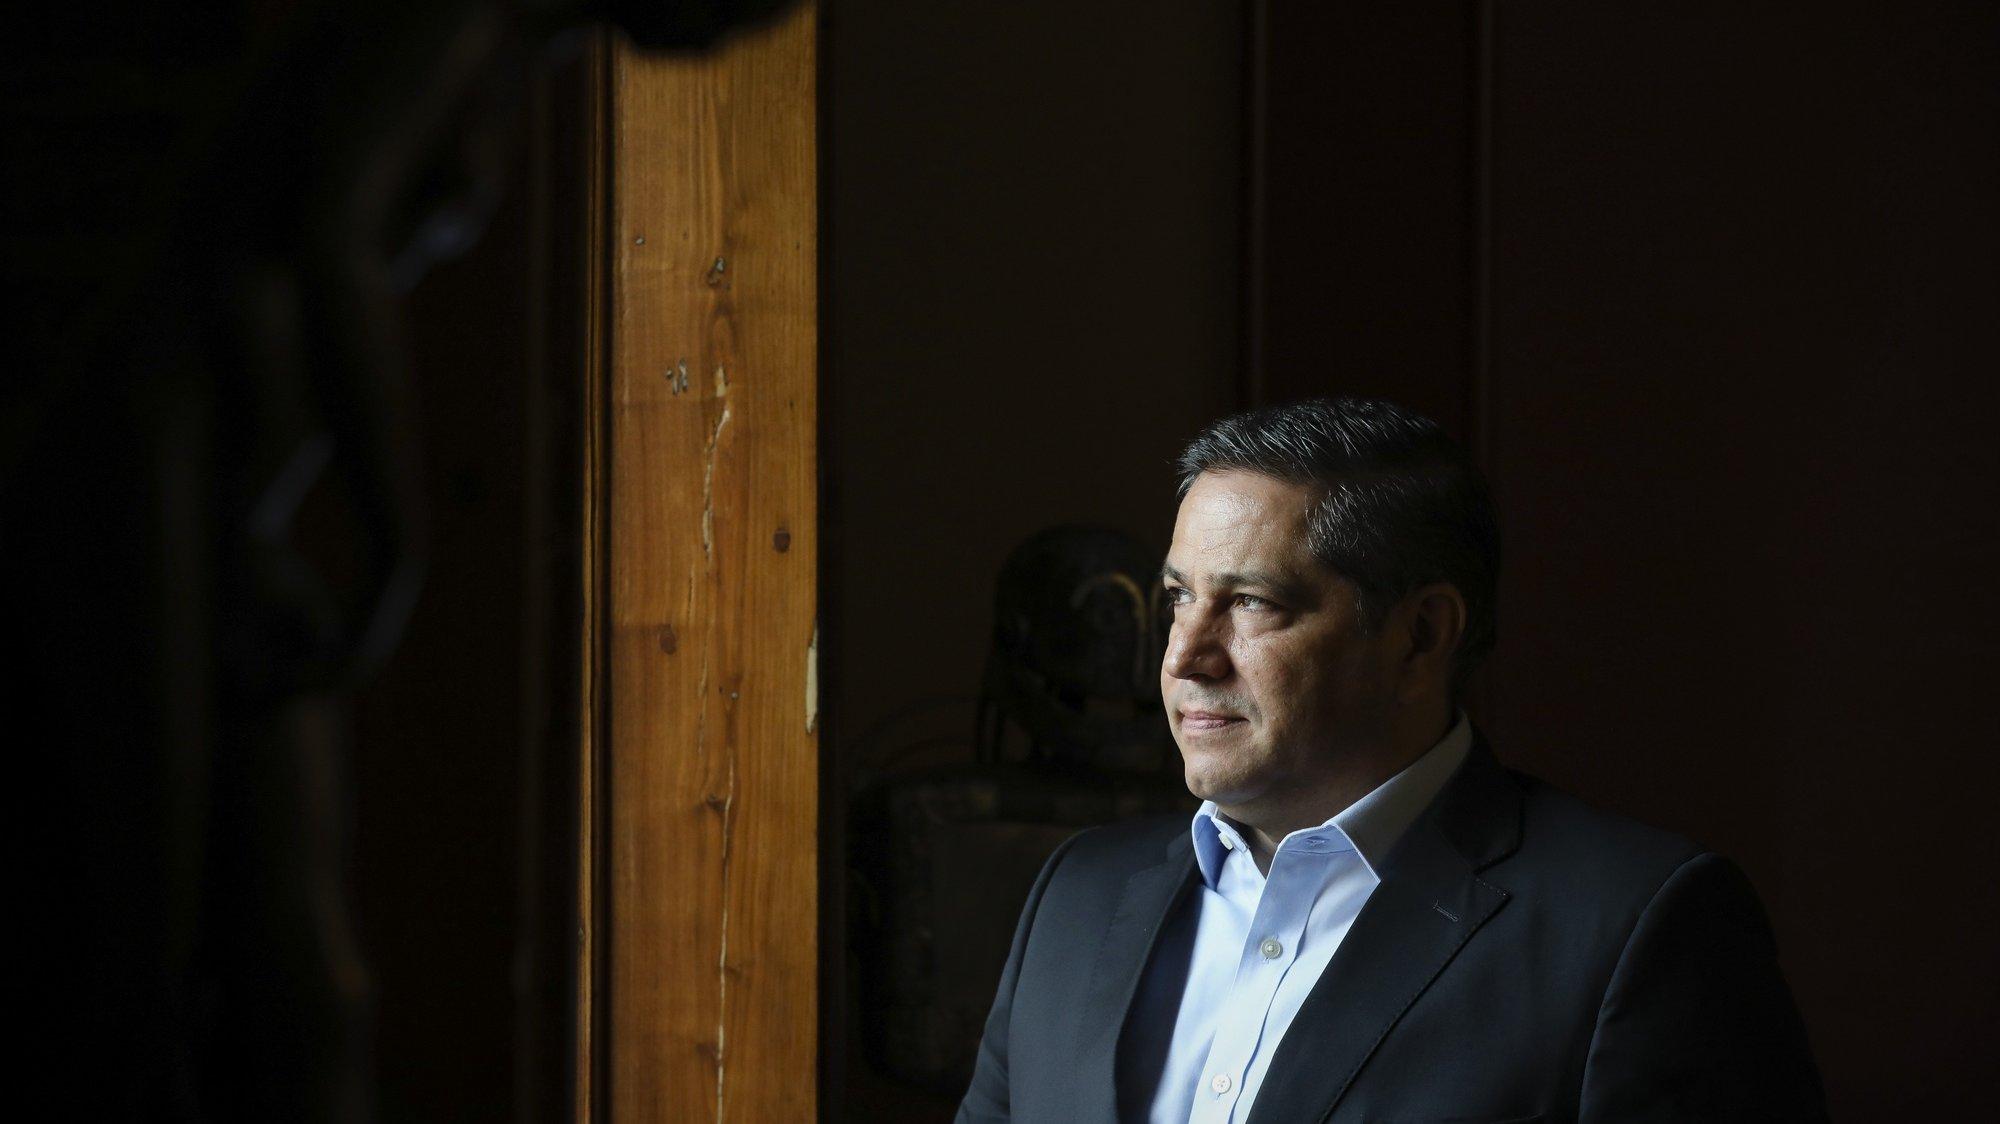 Entrevista a Mário Ferreira, Porto, 14 de maio de 2020. A Prisa anunciou hoje que o empresário Mário Ferreira comprou 30,22% da Media Capital, através da Pluris Investments, numa operação realizada por meio da transferência em bloco das ações por 10,5 milhões de euros. JOSÉ COELHO/LUSA